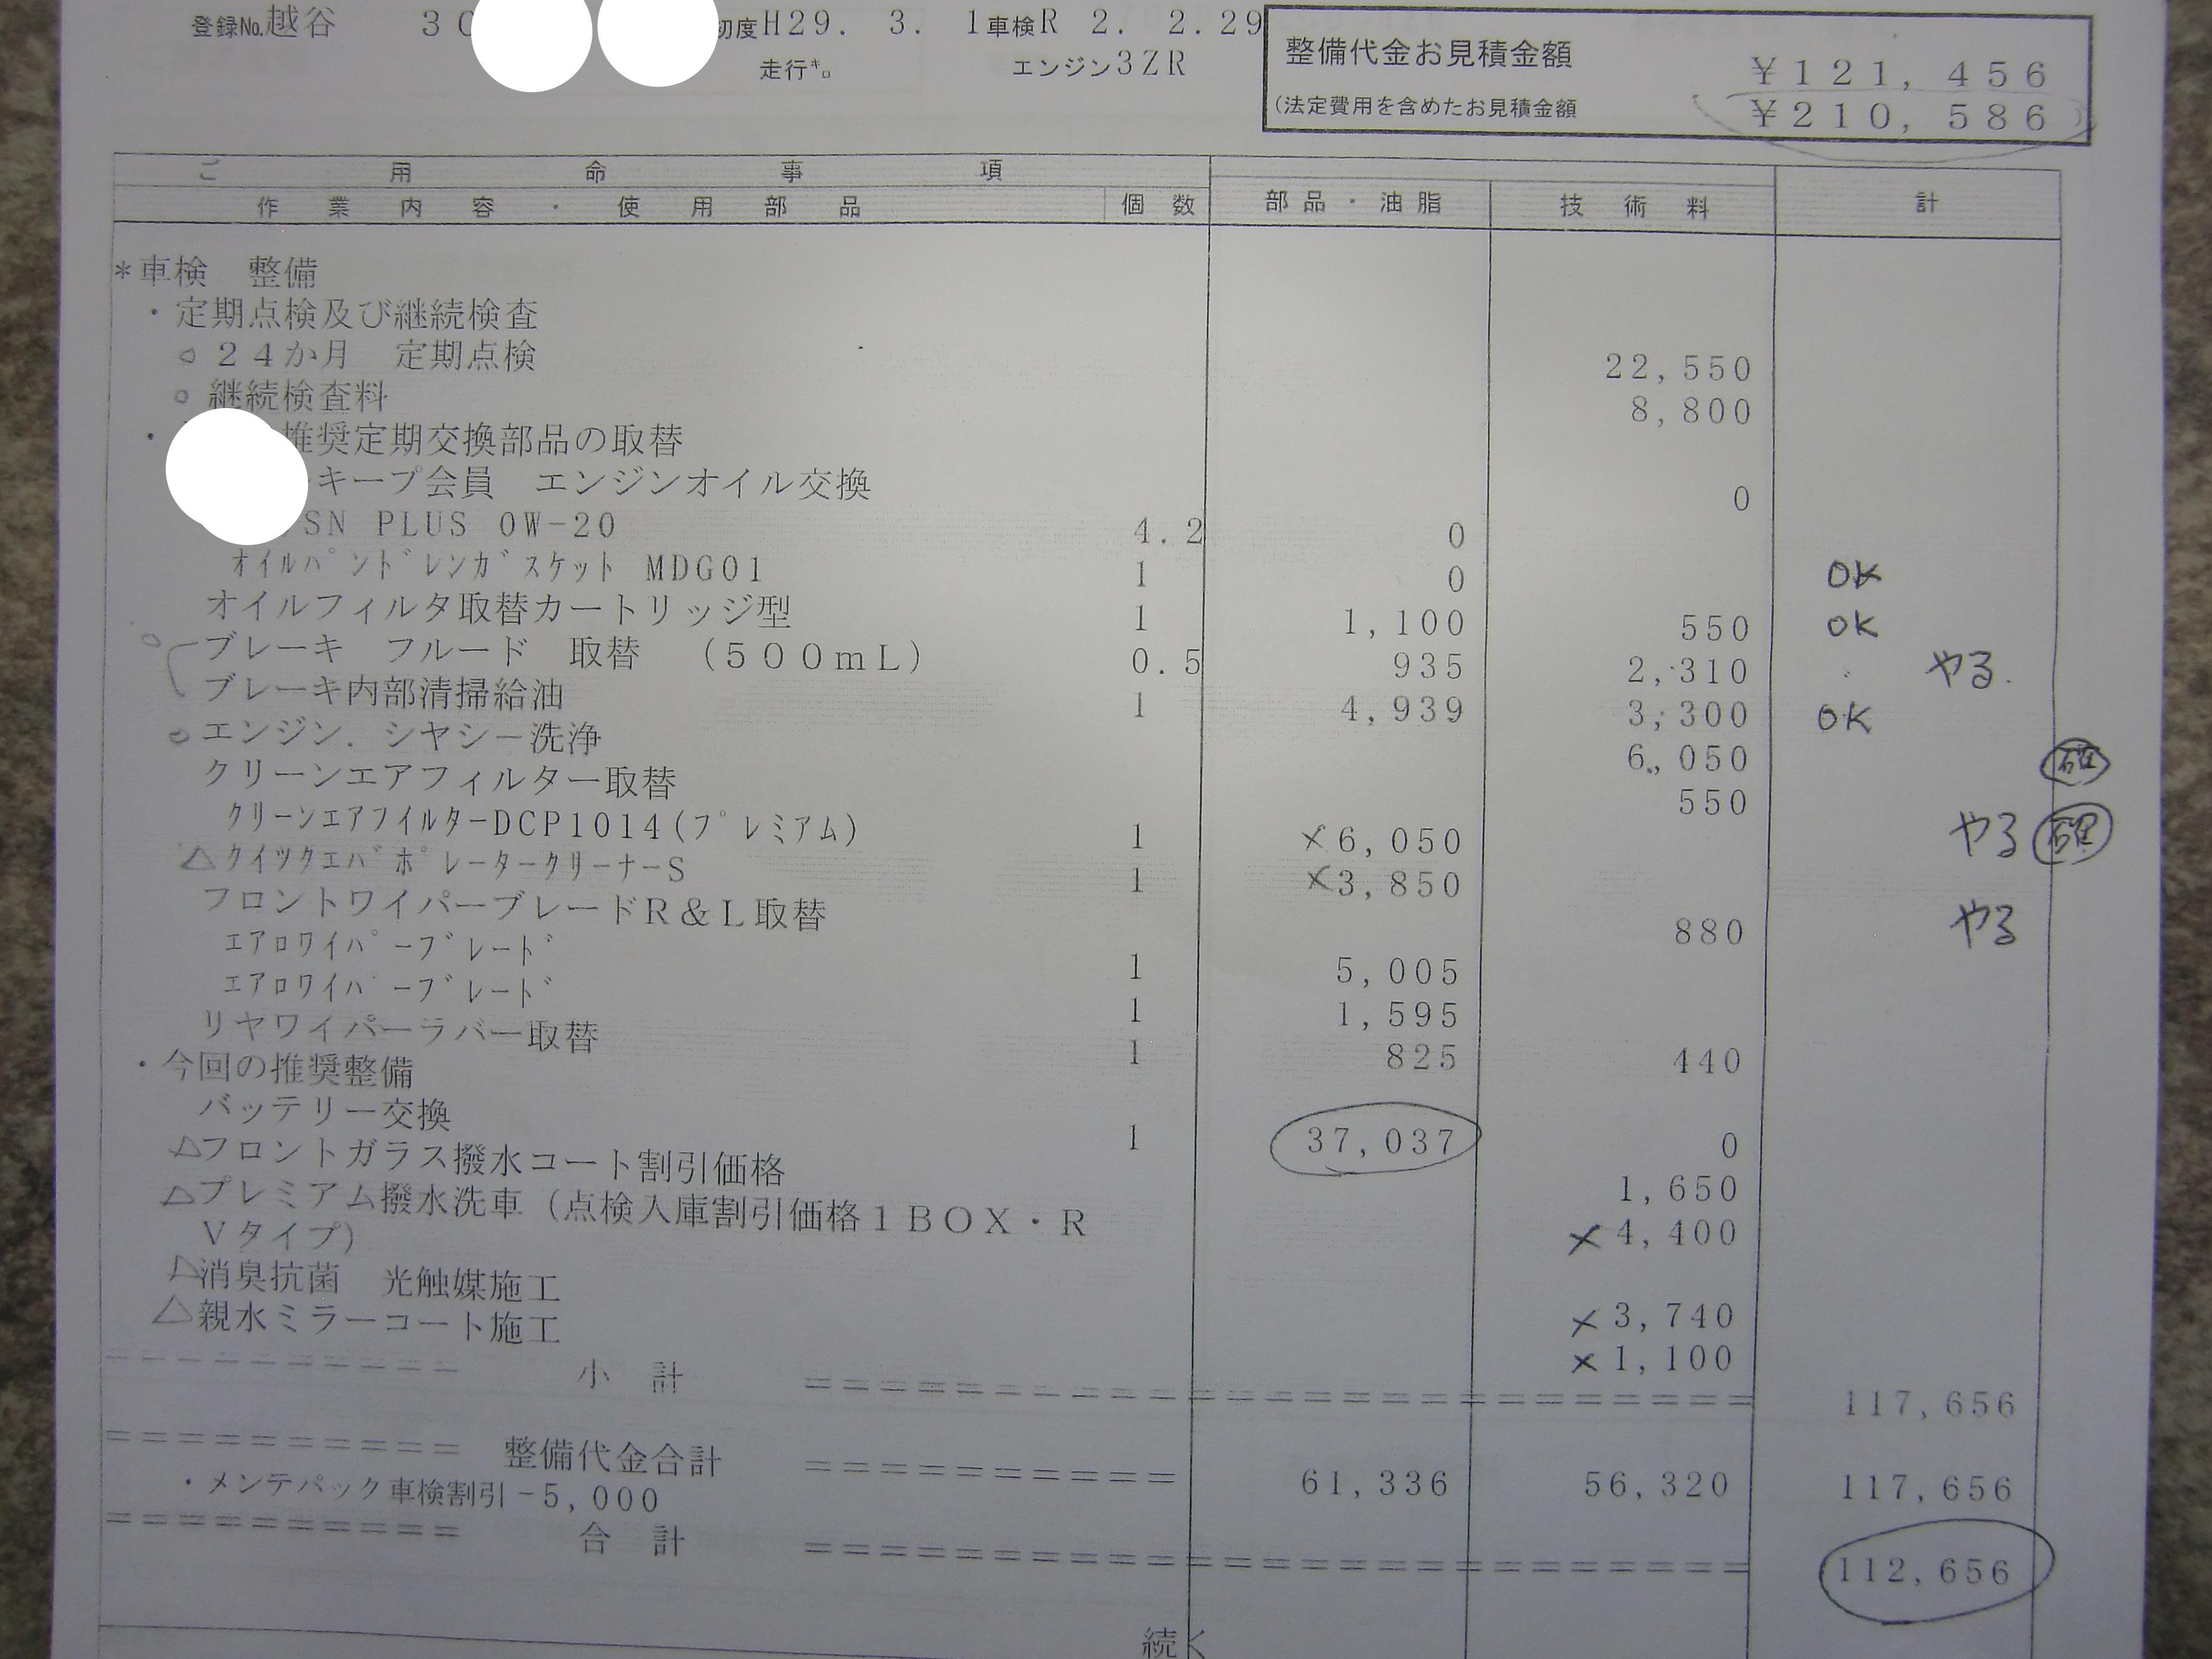 【見積り比較】車検費用を比べてみました☆あるディーラーさん編/車検のコバック越谷店